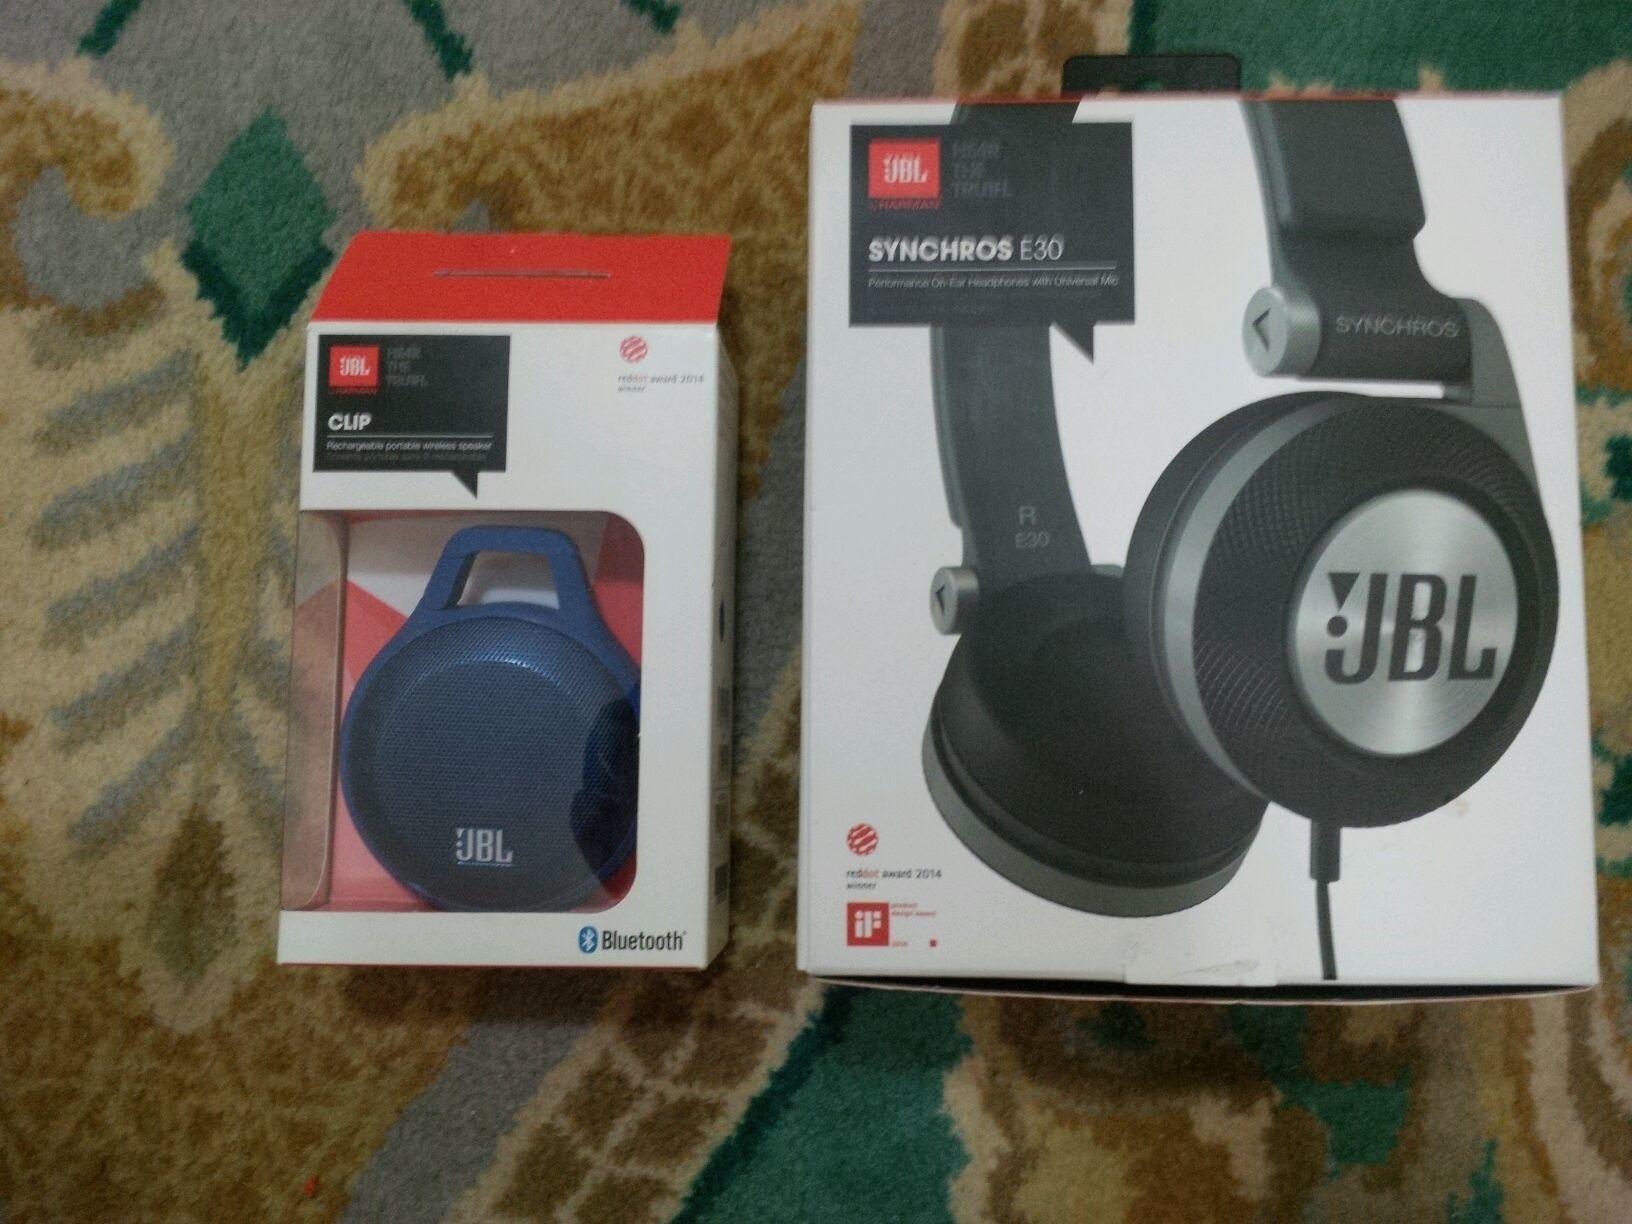 Jbl Speaker And Earphones Qatar Living Headset Synchros E30 Title